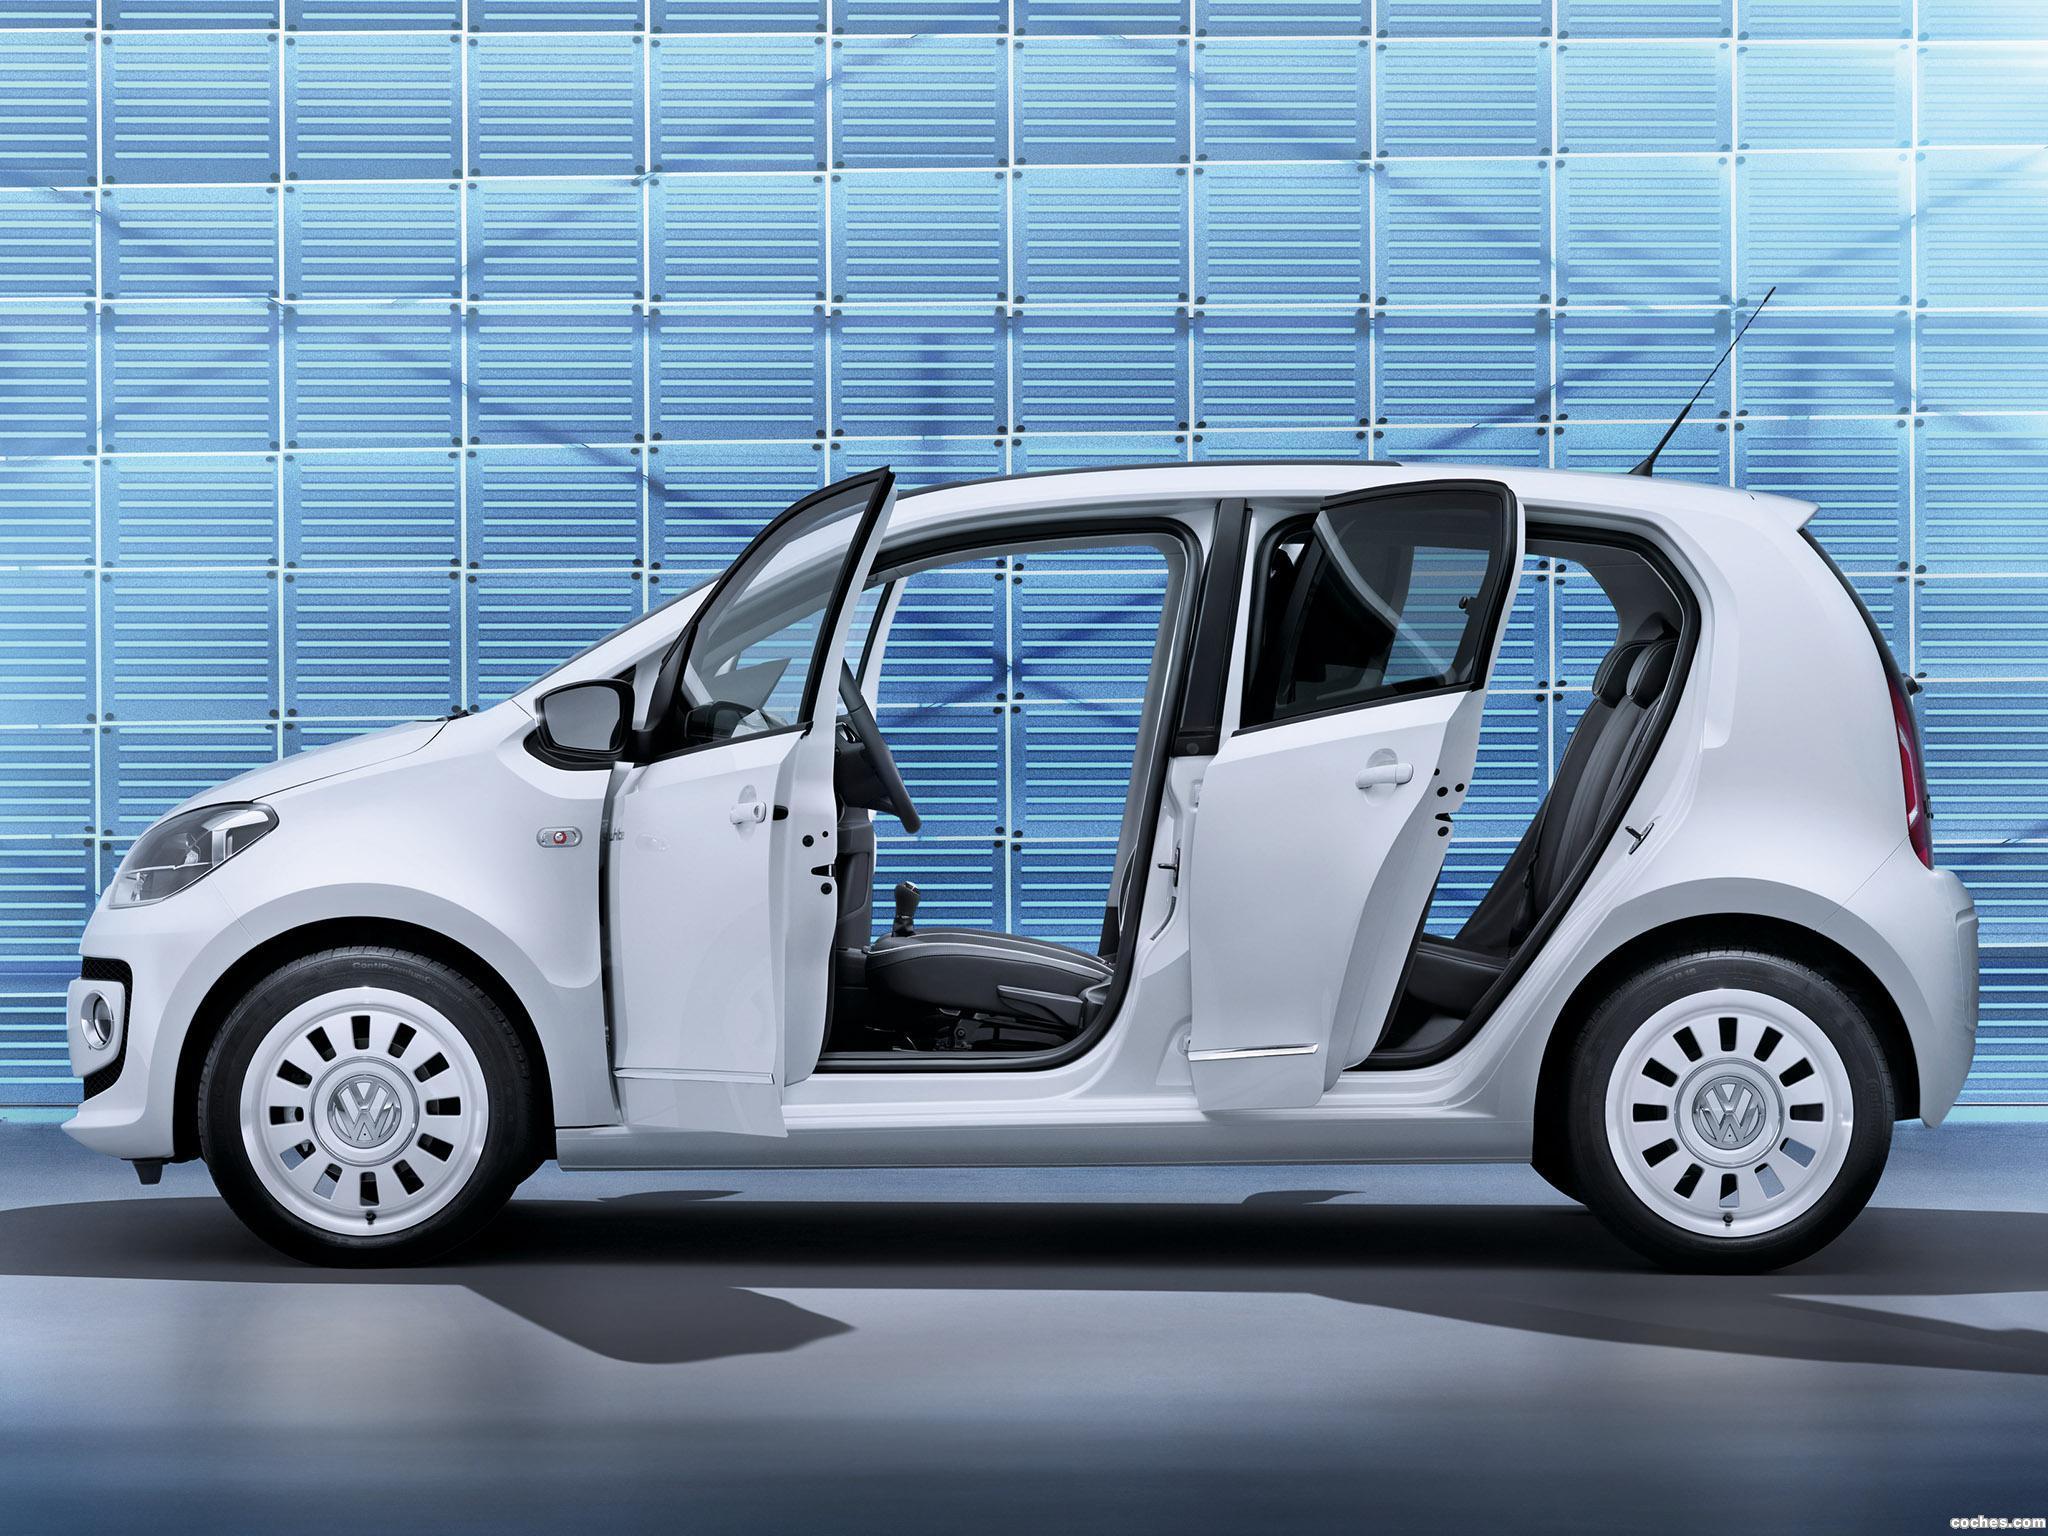 Foto 14 de Volkswagen Up! White 5 puertas 2012